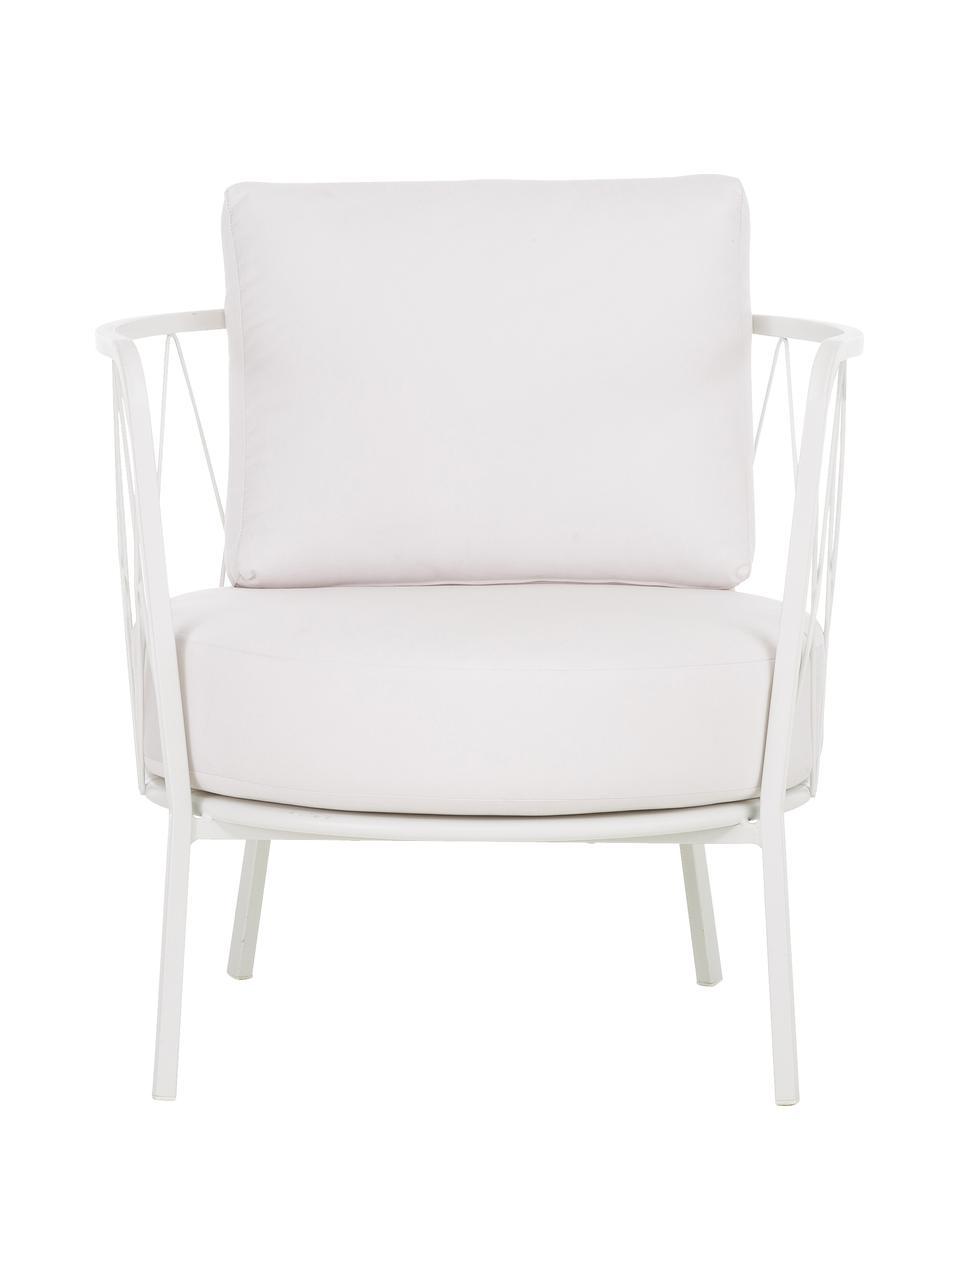 Fotel ogrodowy z tapicerowanym siedziskiem Sunderland, Stelaż: stal cynkowana galwaniczn, Biały, S 74 x G 61 cm